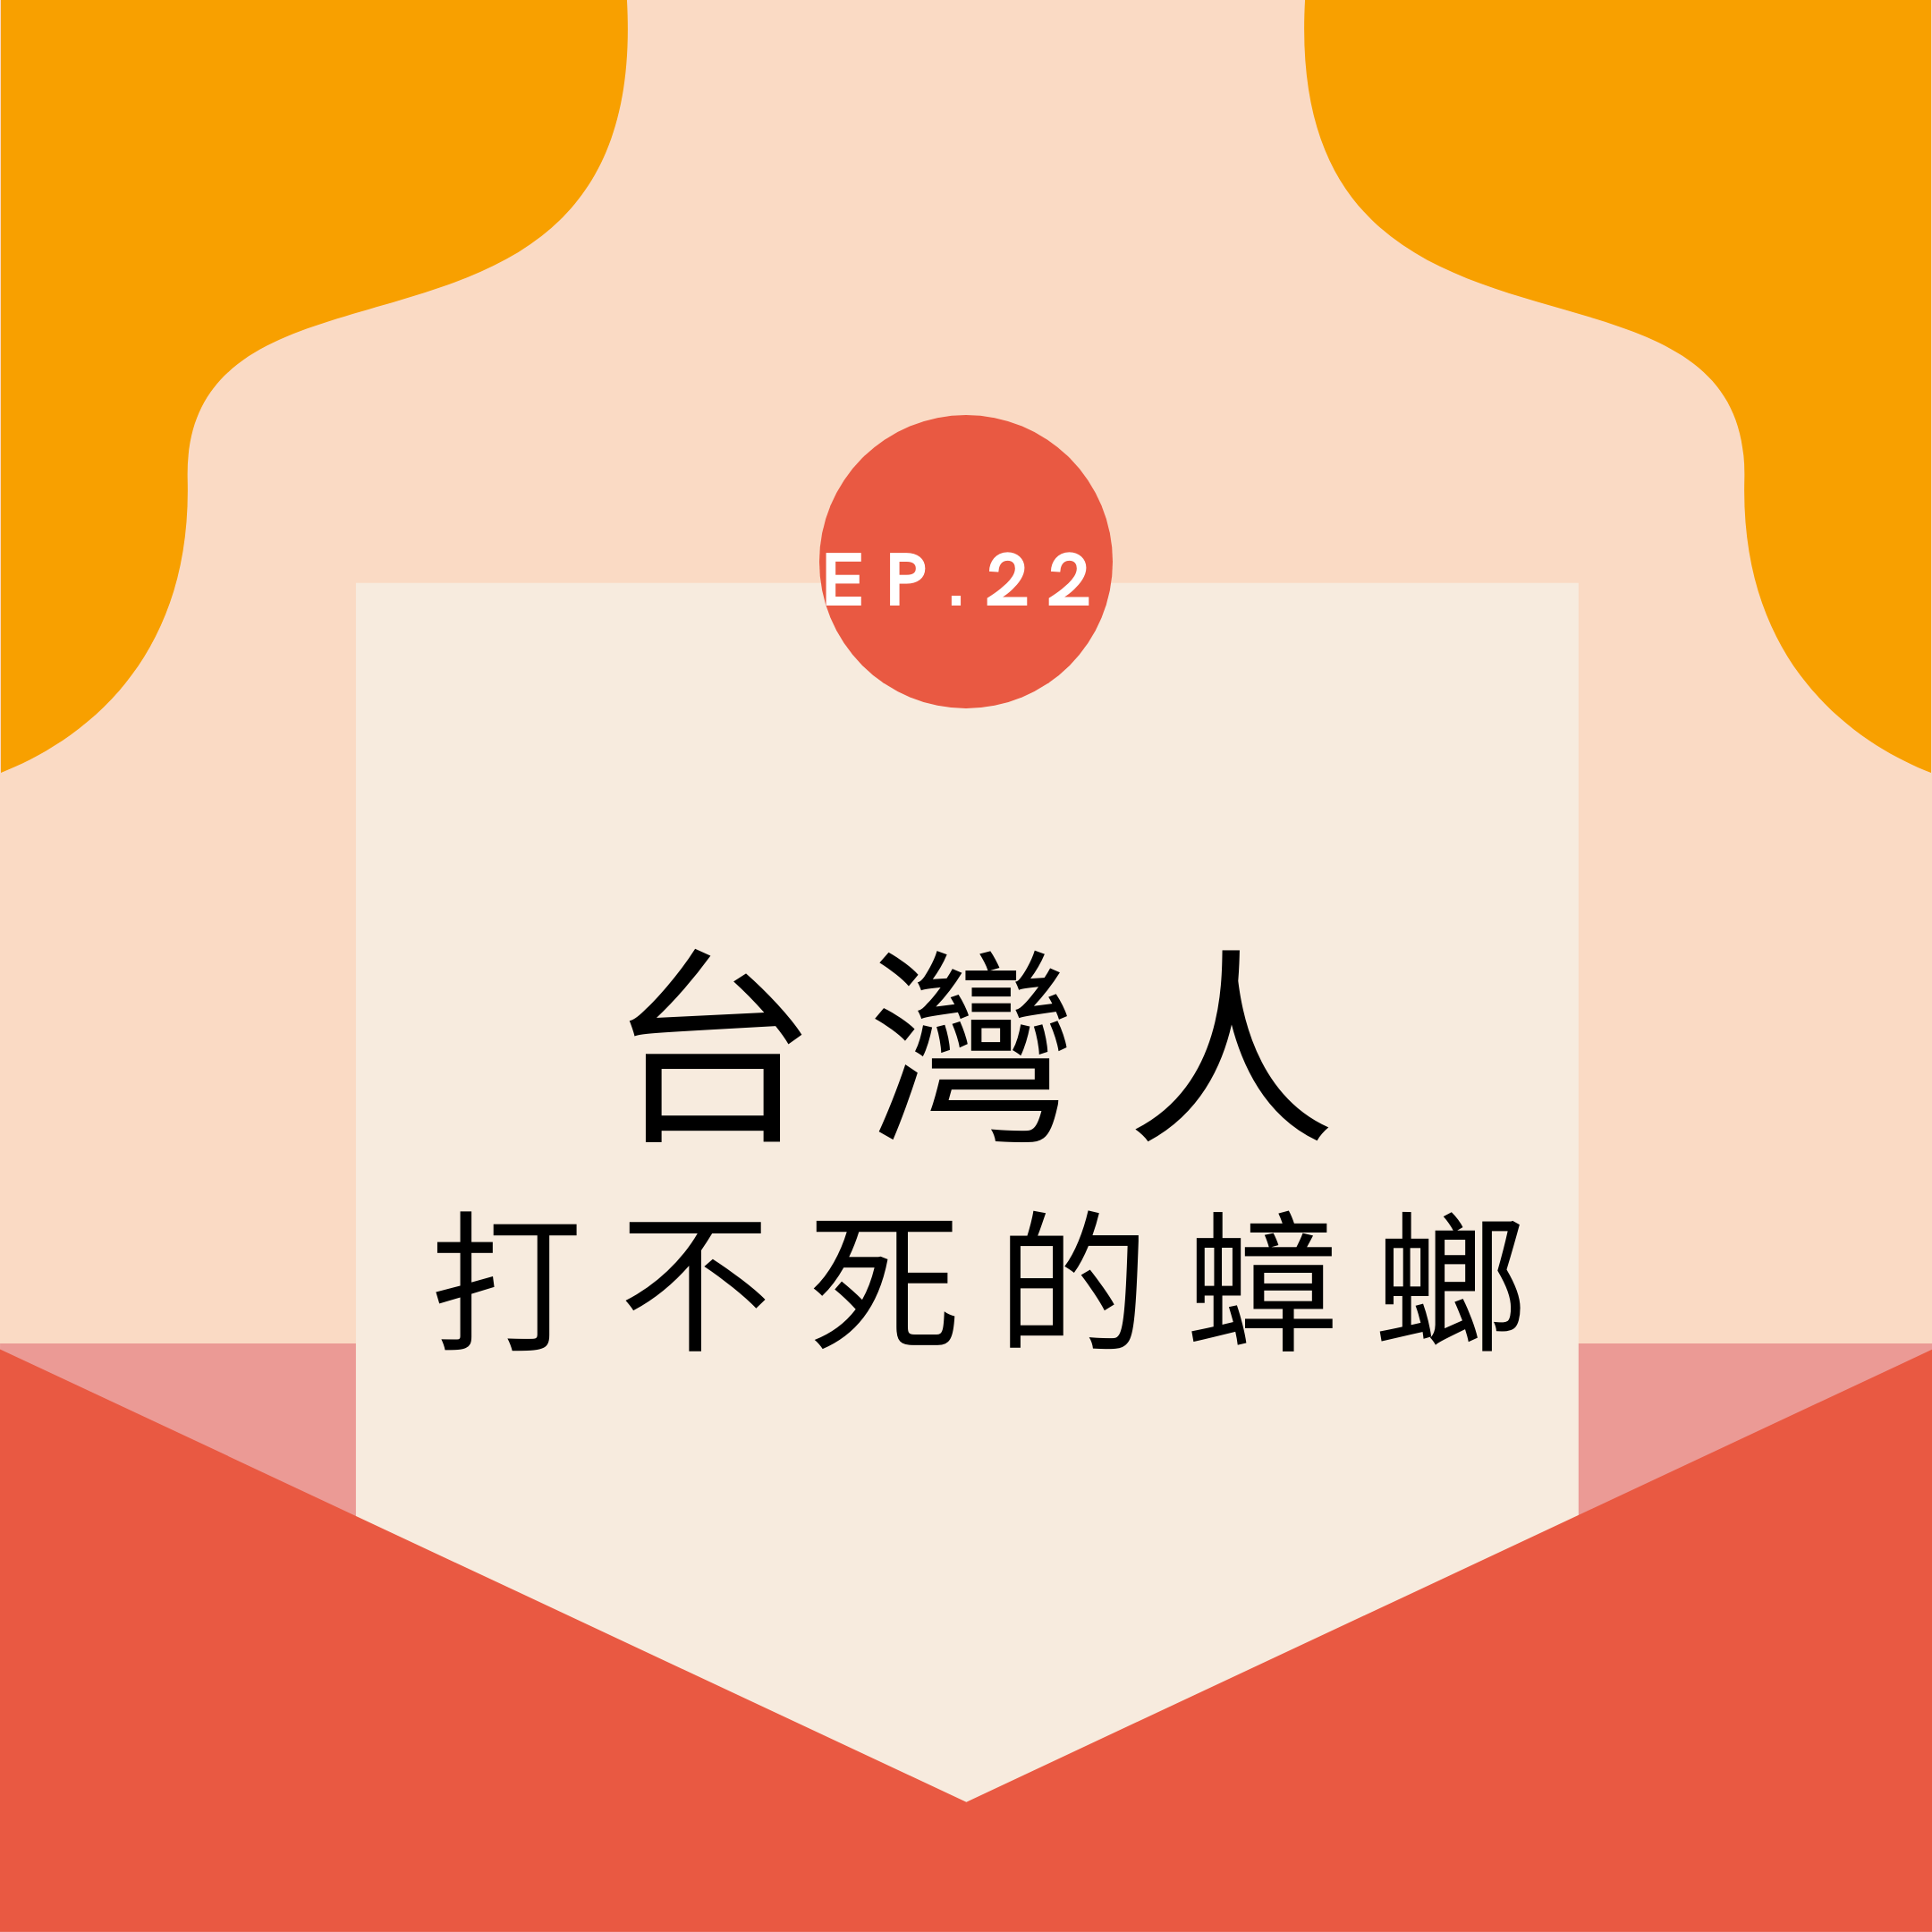 Ep.22:奧運落幕,坐馬蓋登場---台灣人都是打不死的蟑螂!